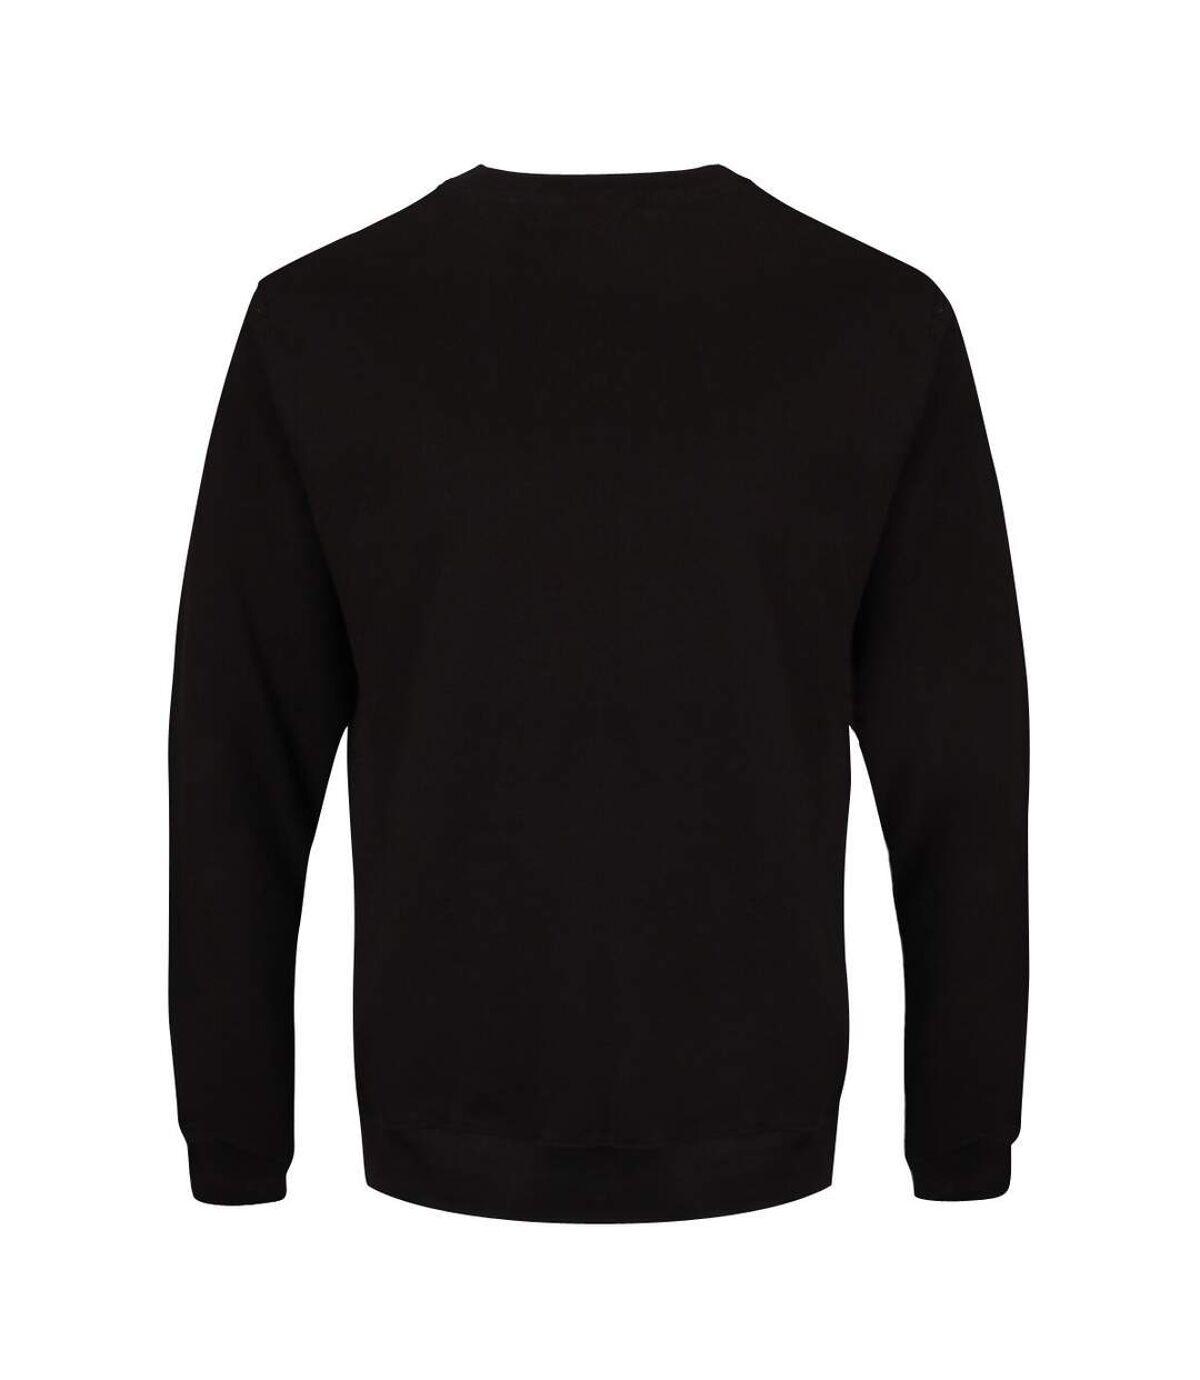 Grindstore Mens Grumpy Fuckers Club Sweatshirt (Black/White) - UTGR4961